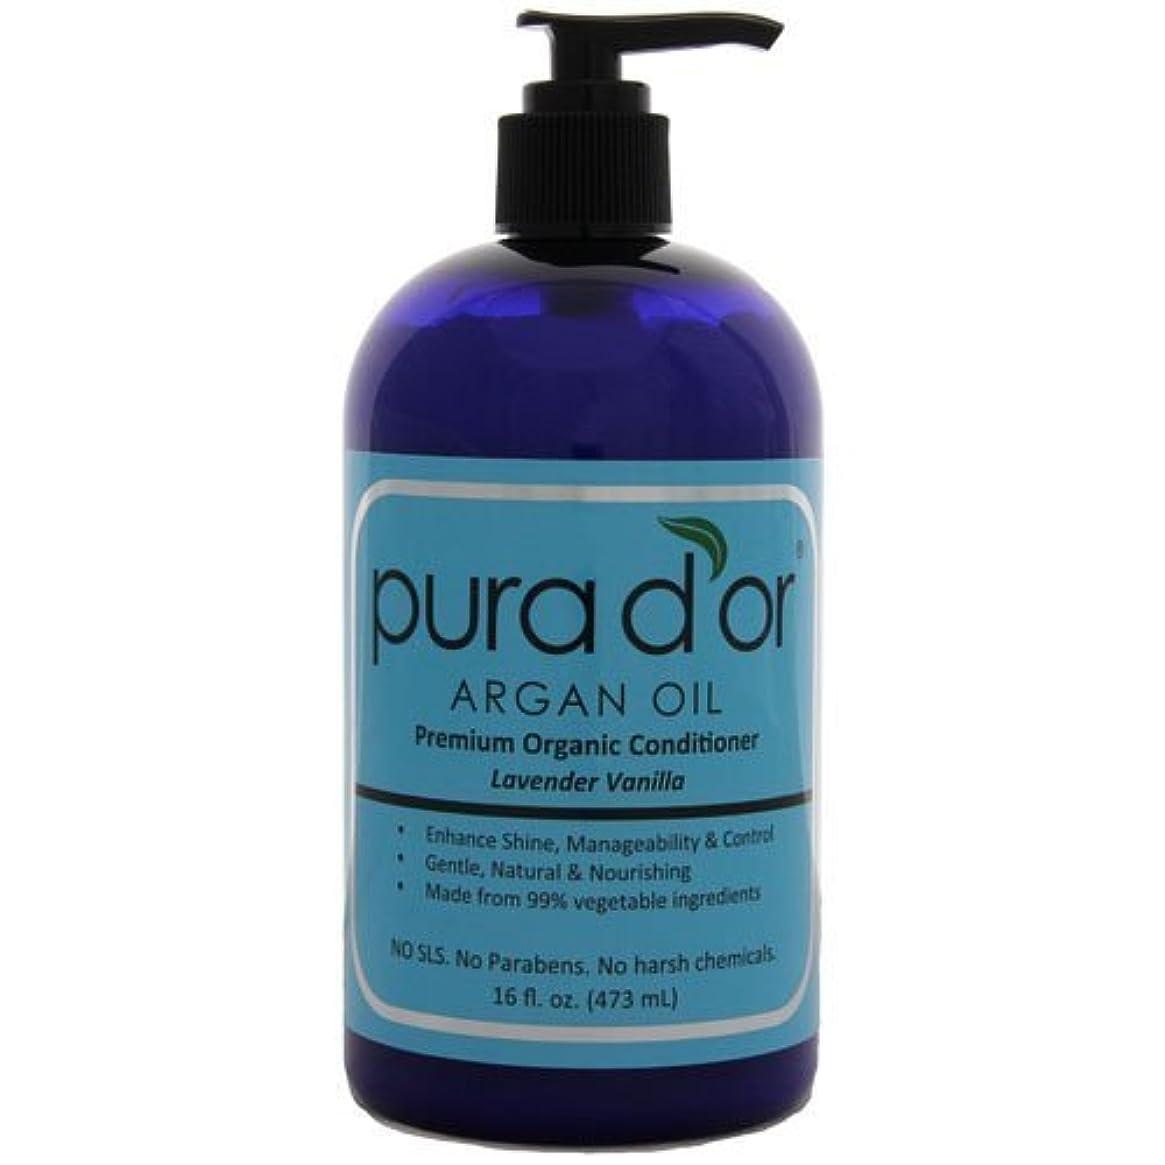 を通して滅びる賛美歌Pura d'or: Premium Organic Argan oil Conditioner for Hair (16 fl. oz.) by Pura D'or [並行輸入品]